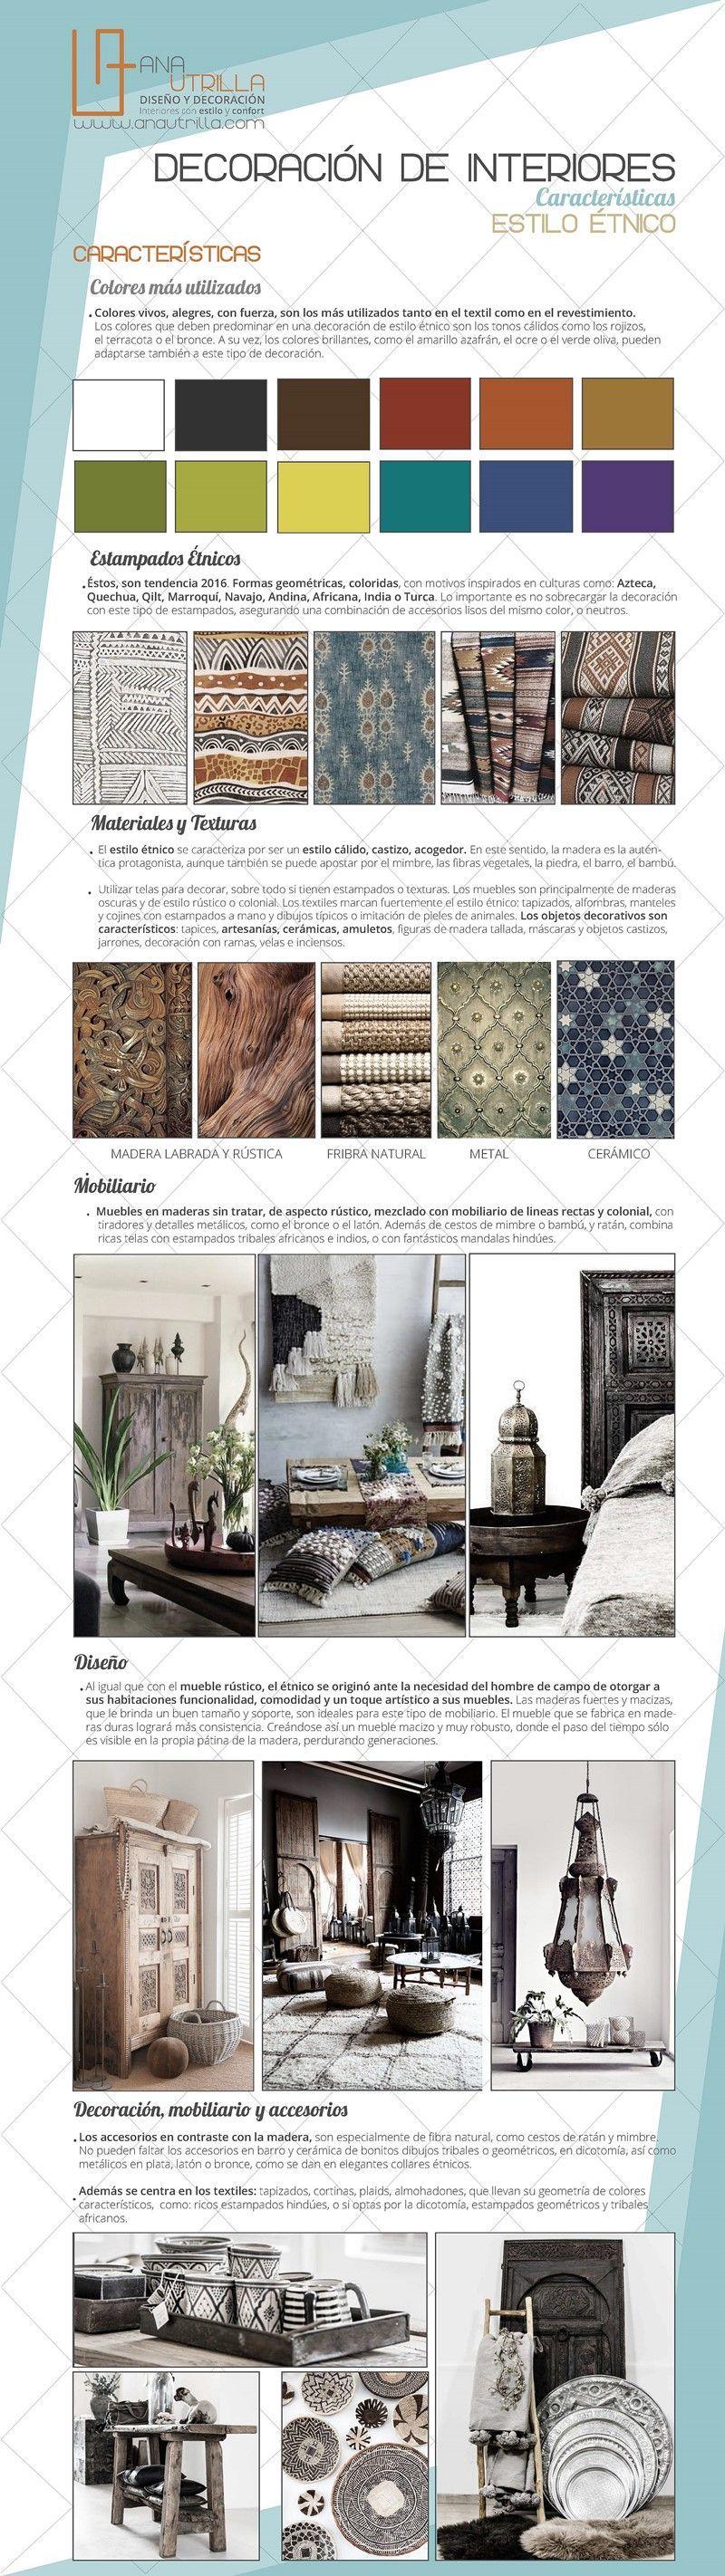 Infografía cómo decorar con estilo étnico tu espacio por ANA uTIRLLA